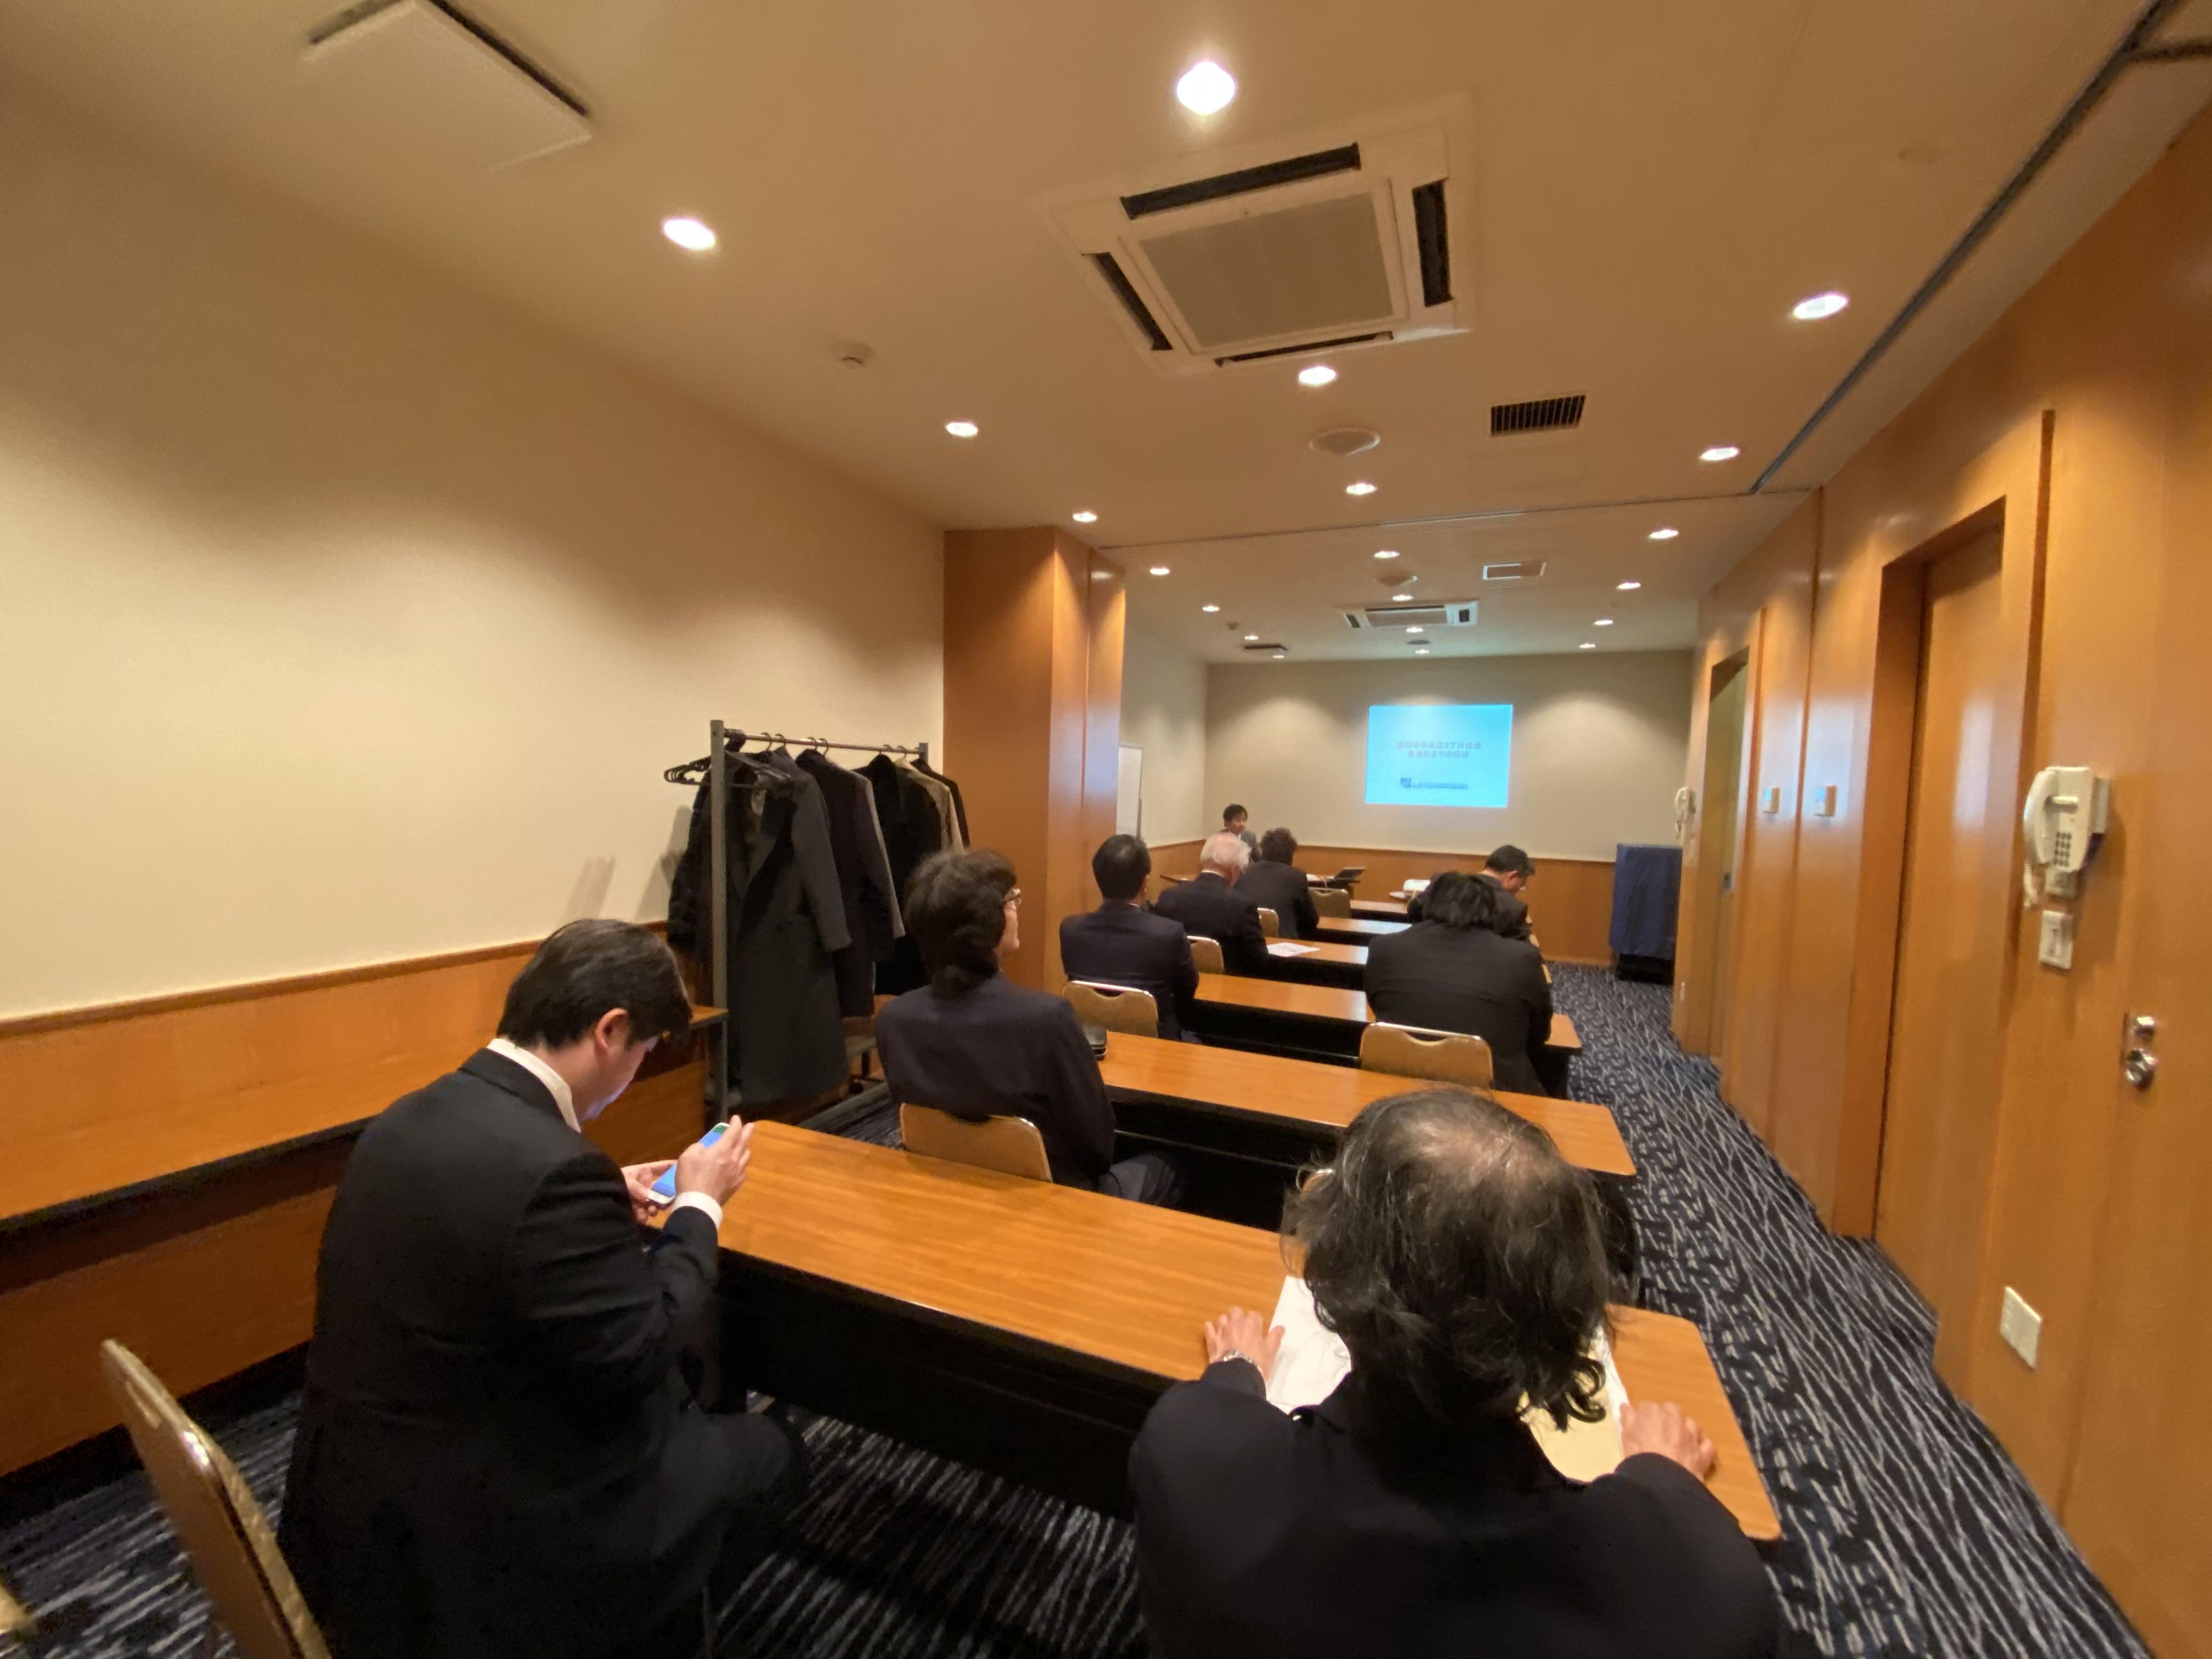 盛岡ベンチマーク研修会場1.JPG